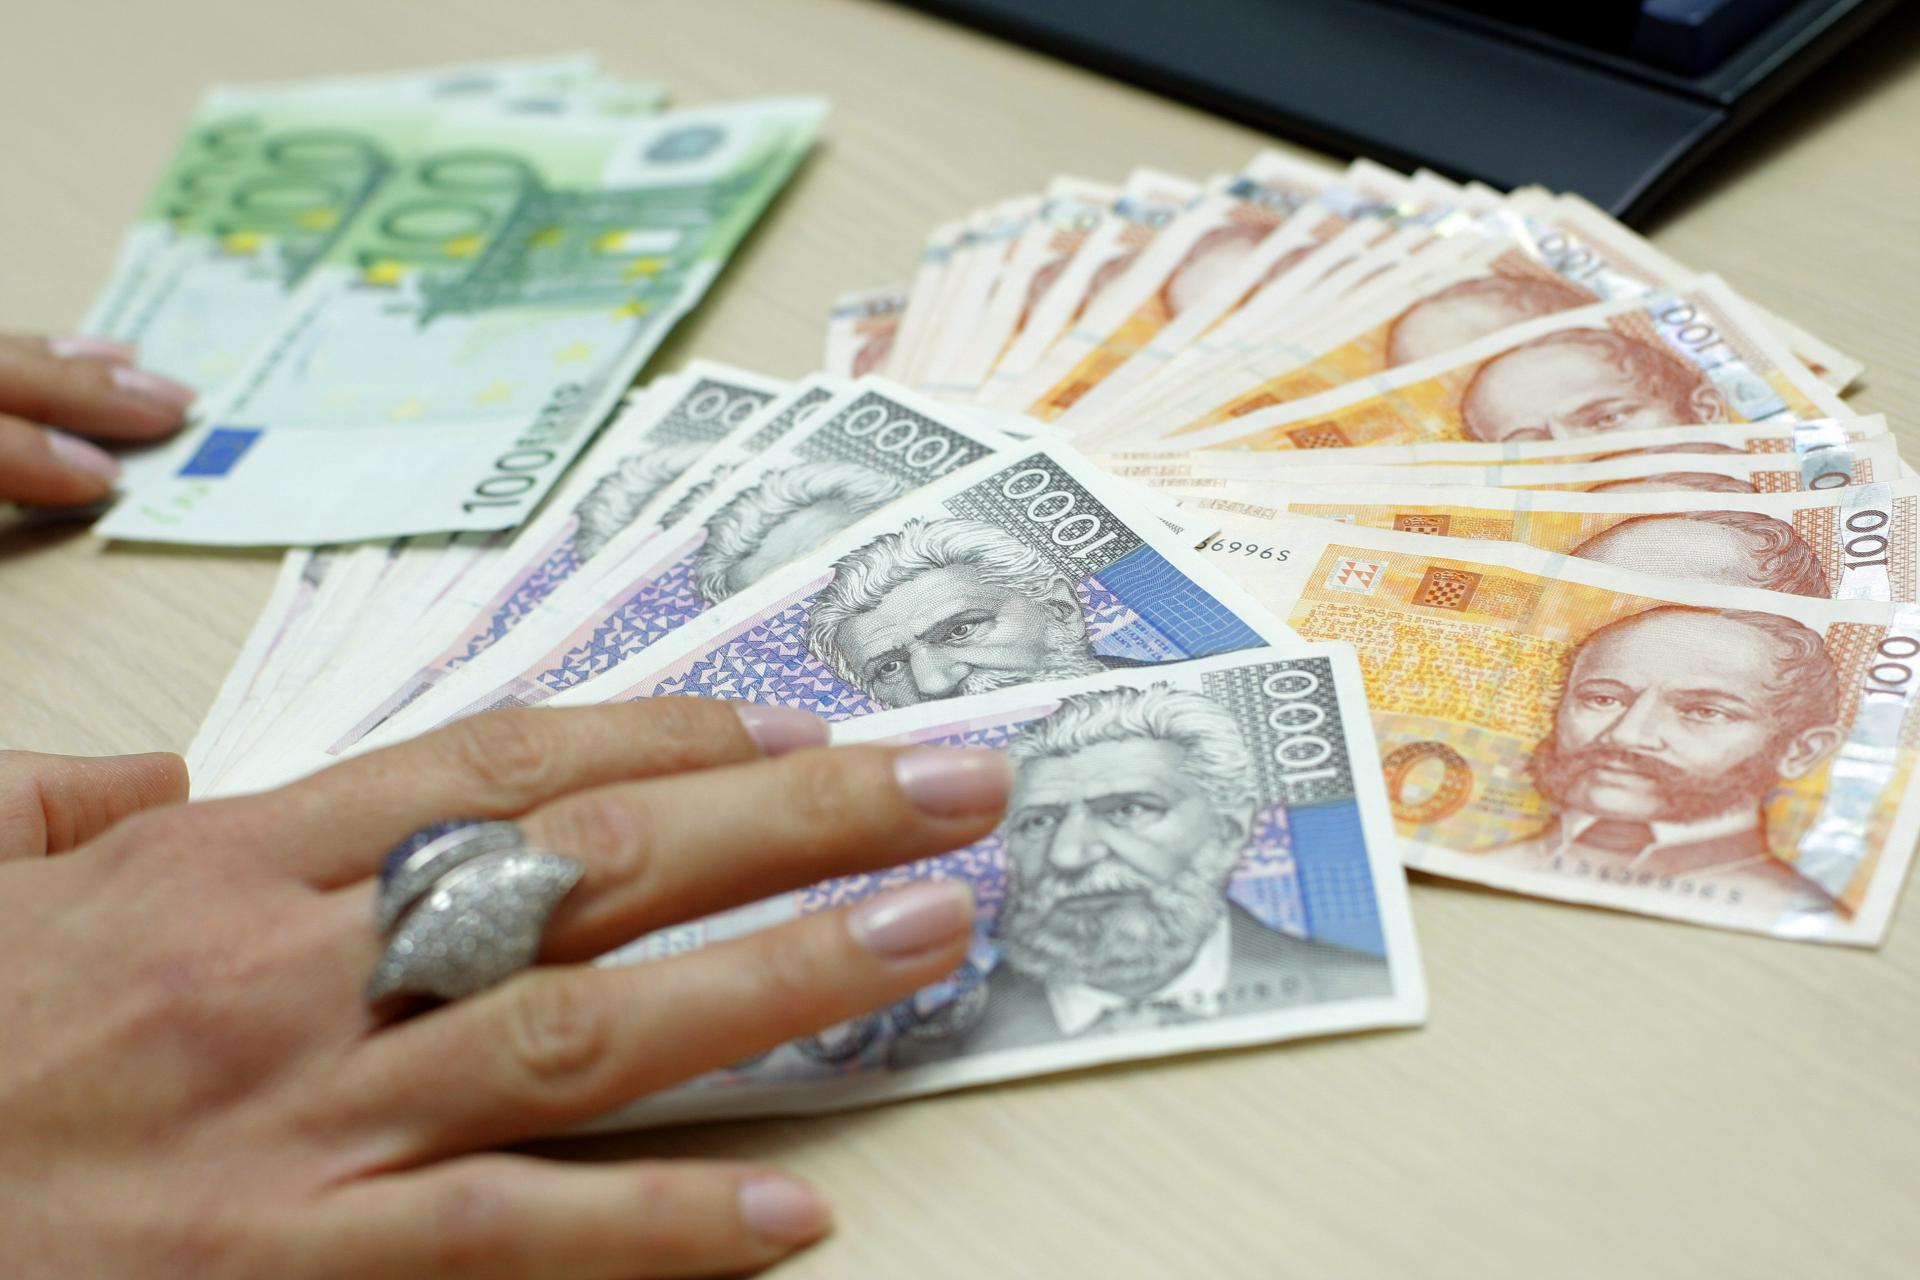 Primanja kao na Zapadu: jedna tvrtka u Hrvatskoj isplaćuje neto plaću 80.853 kuna, evo koje su joj 'za petama'